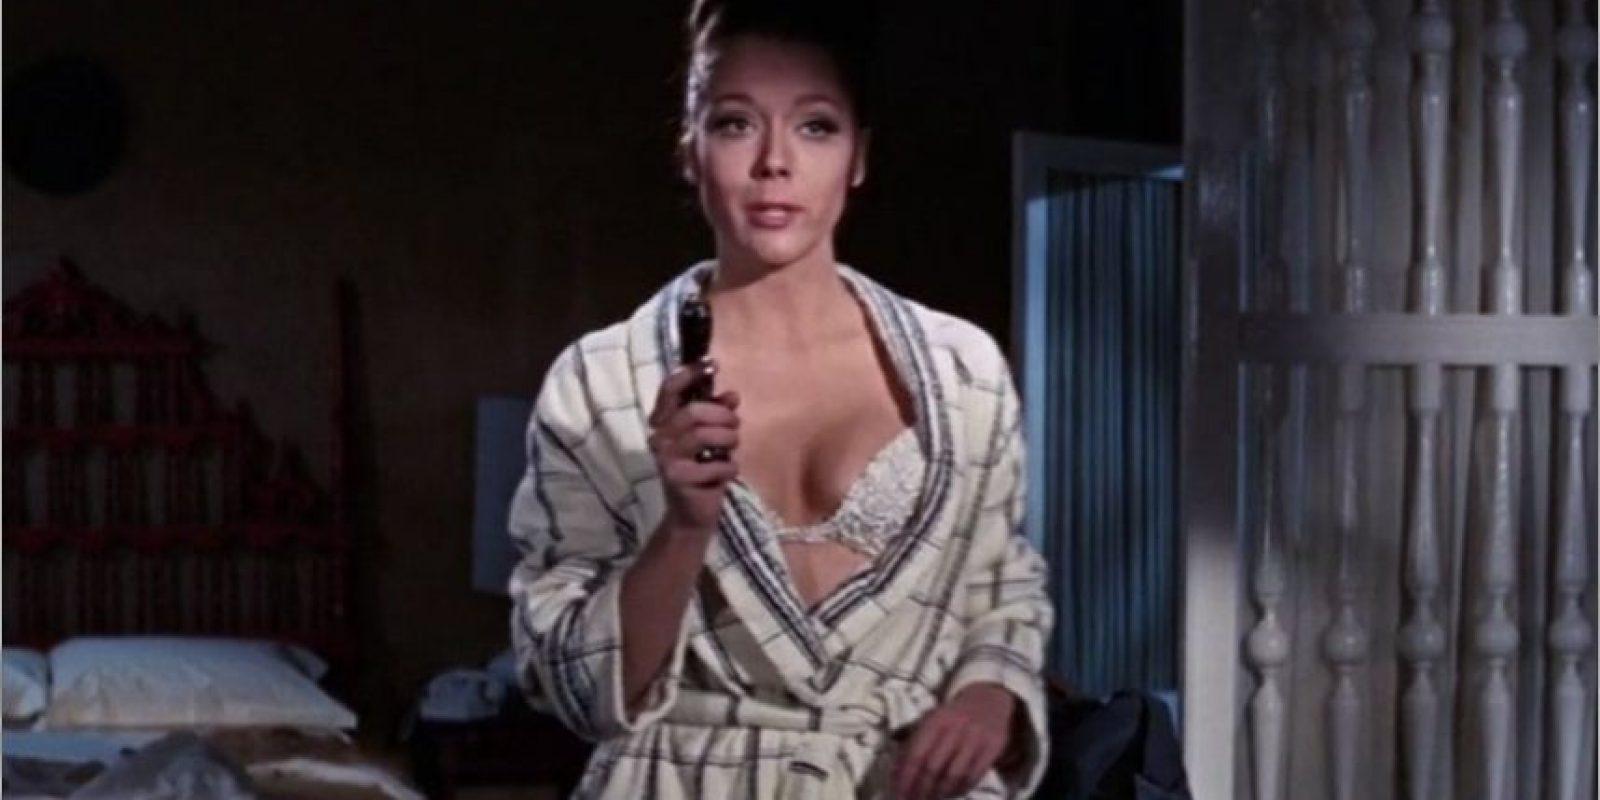 """Daiana Rigg, hizo de Teresa di Vicenzo """"Tracy"""" una joven a la que Bond le salva la vida dos veces en un día, más tarde James es secuestrado precisamente por al padre de Tracy para llegar a un arreglo para que este se case con su hija pero mas adelante ambos se enamoran y se casan pero a ella la mata Blofeld antes de llegar a su luna de miel."""